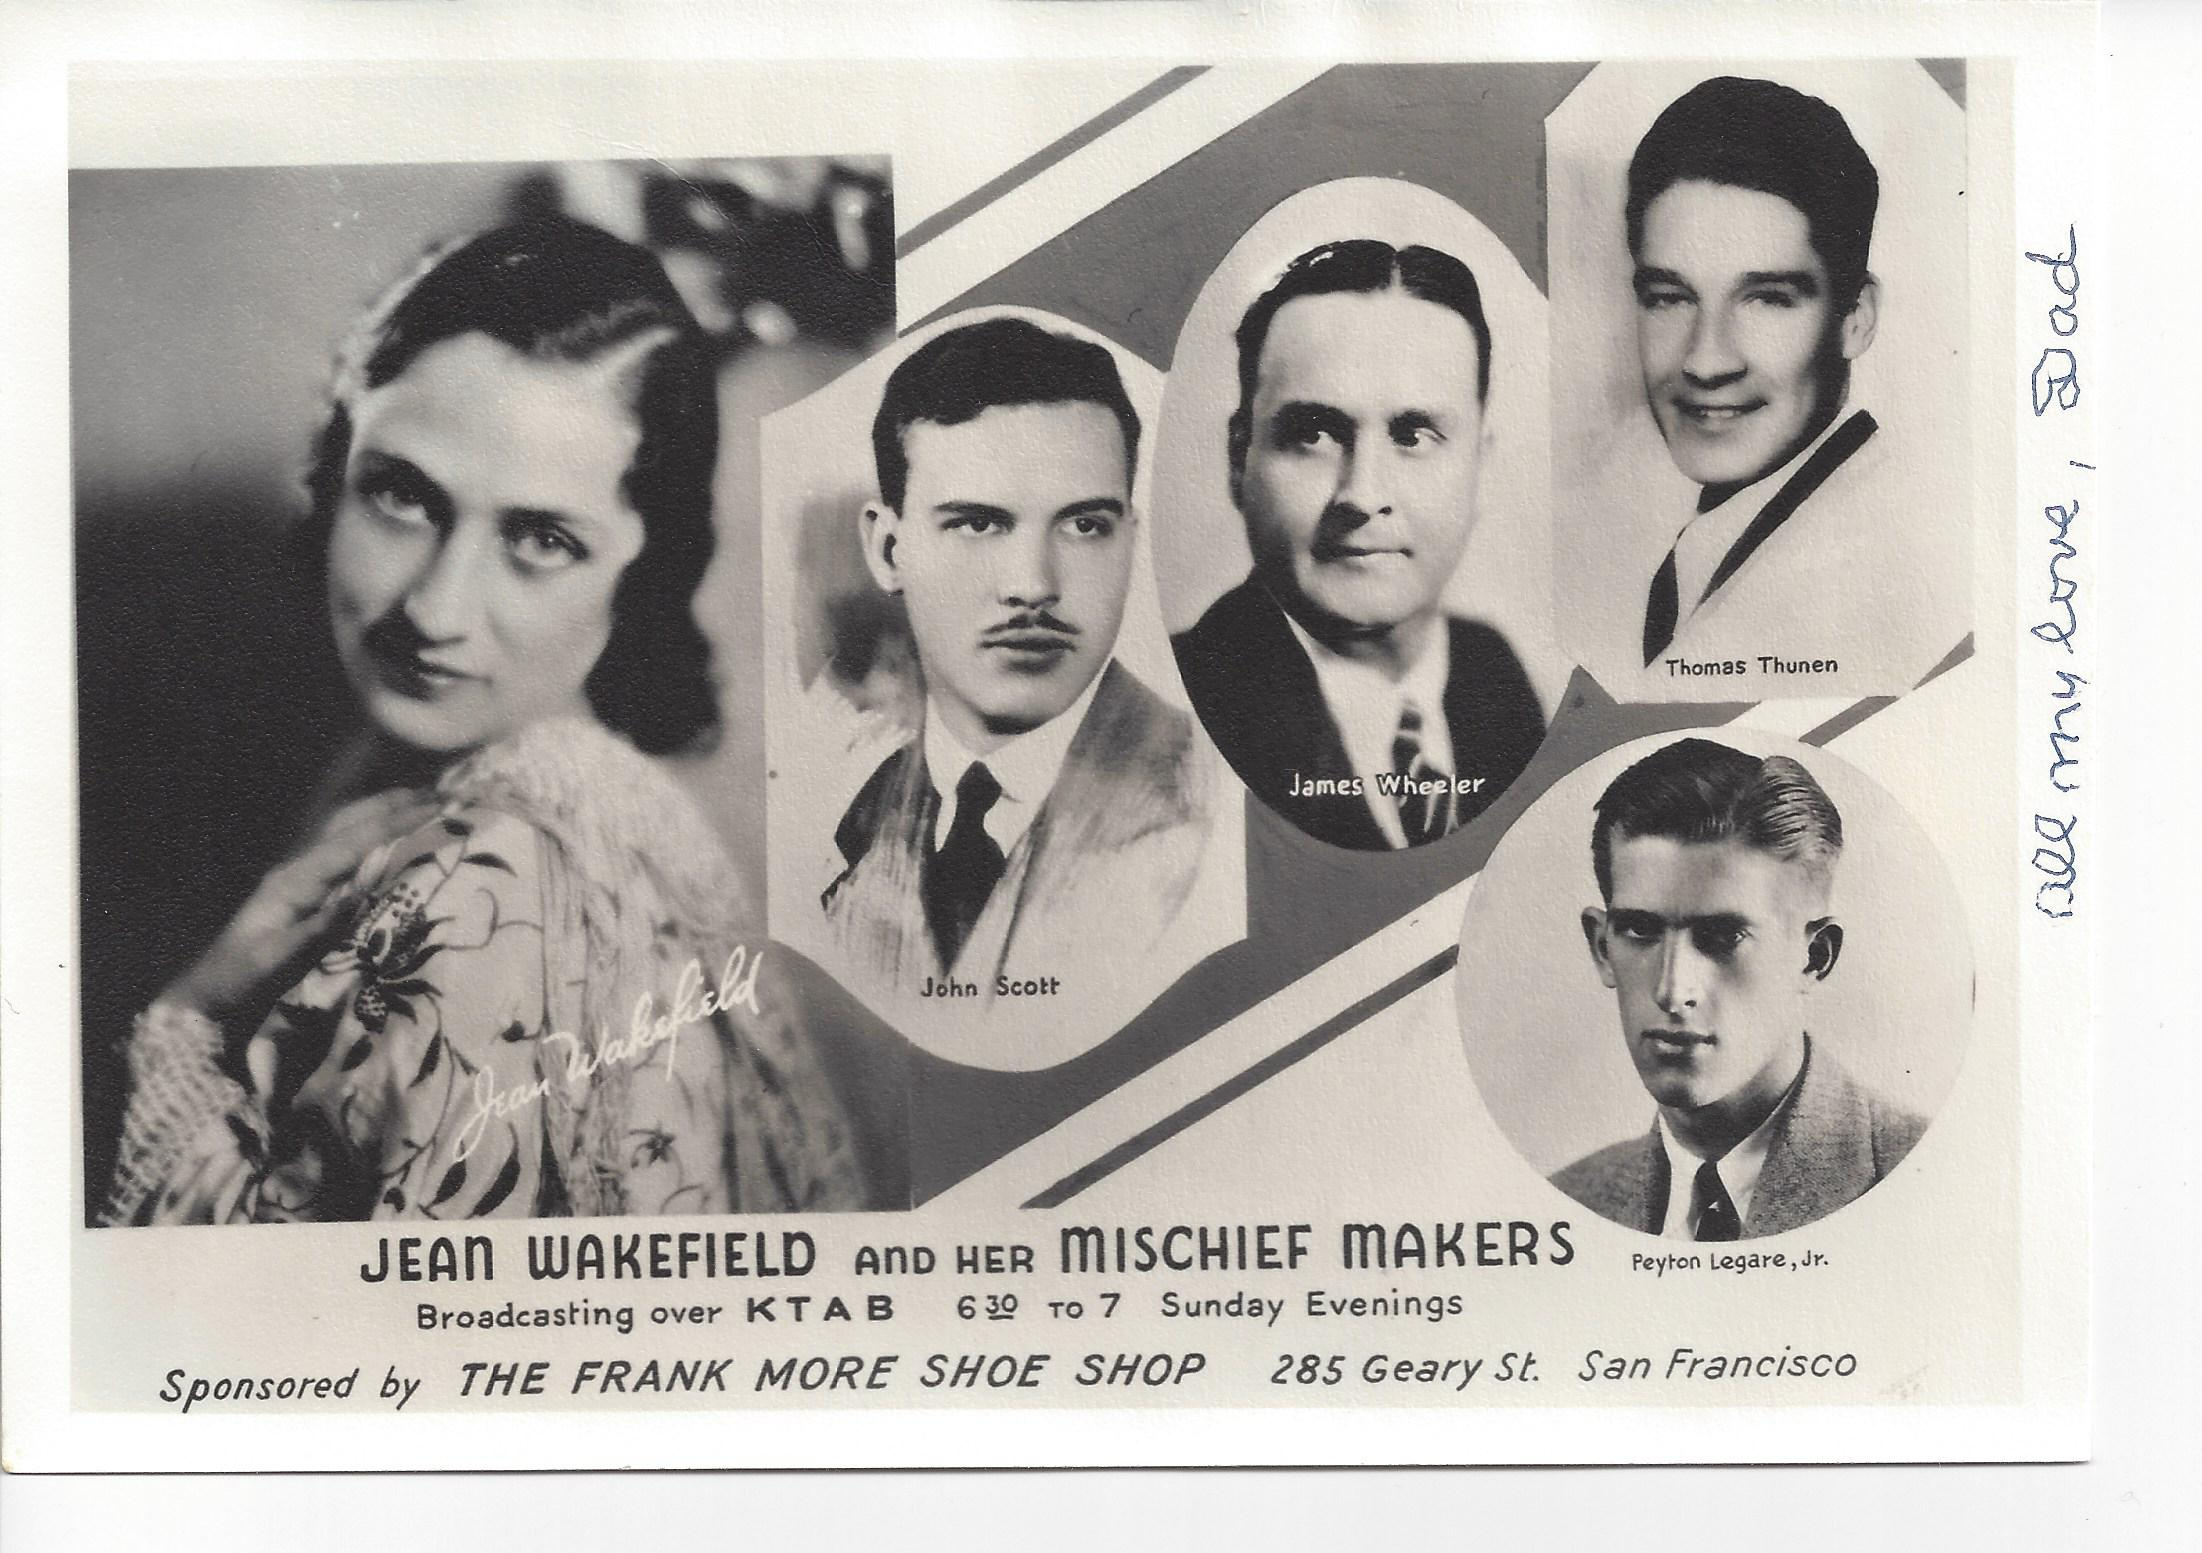 Jean Wakefield & Her Mischief Makers